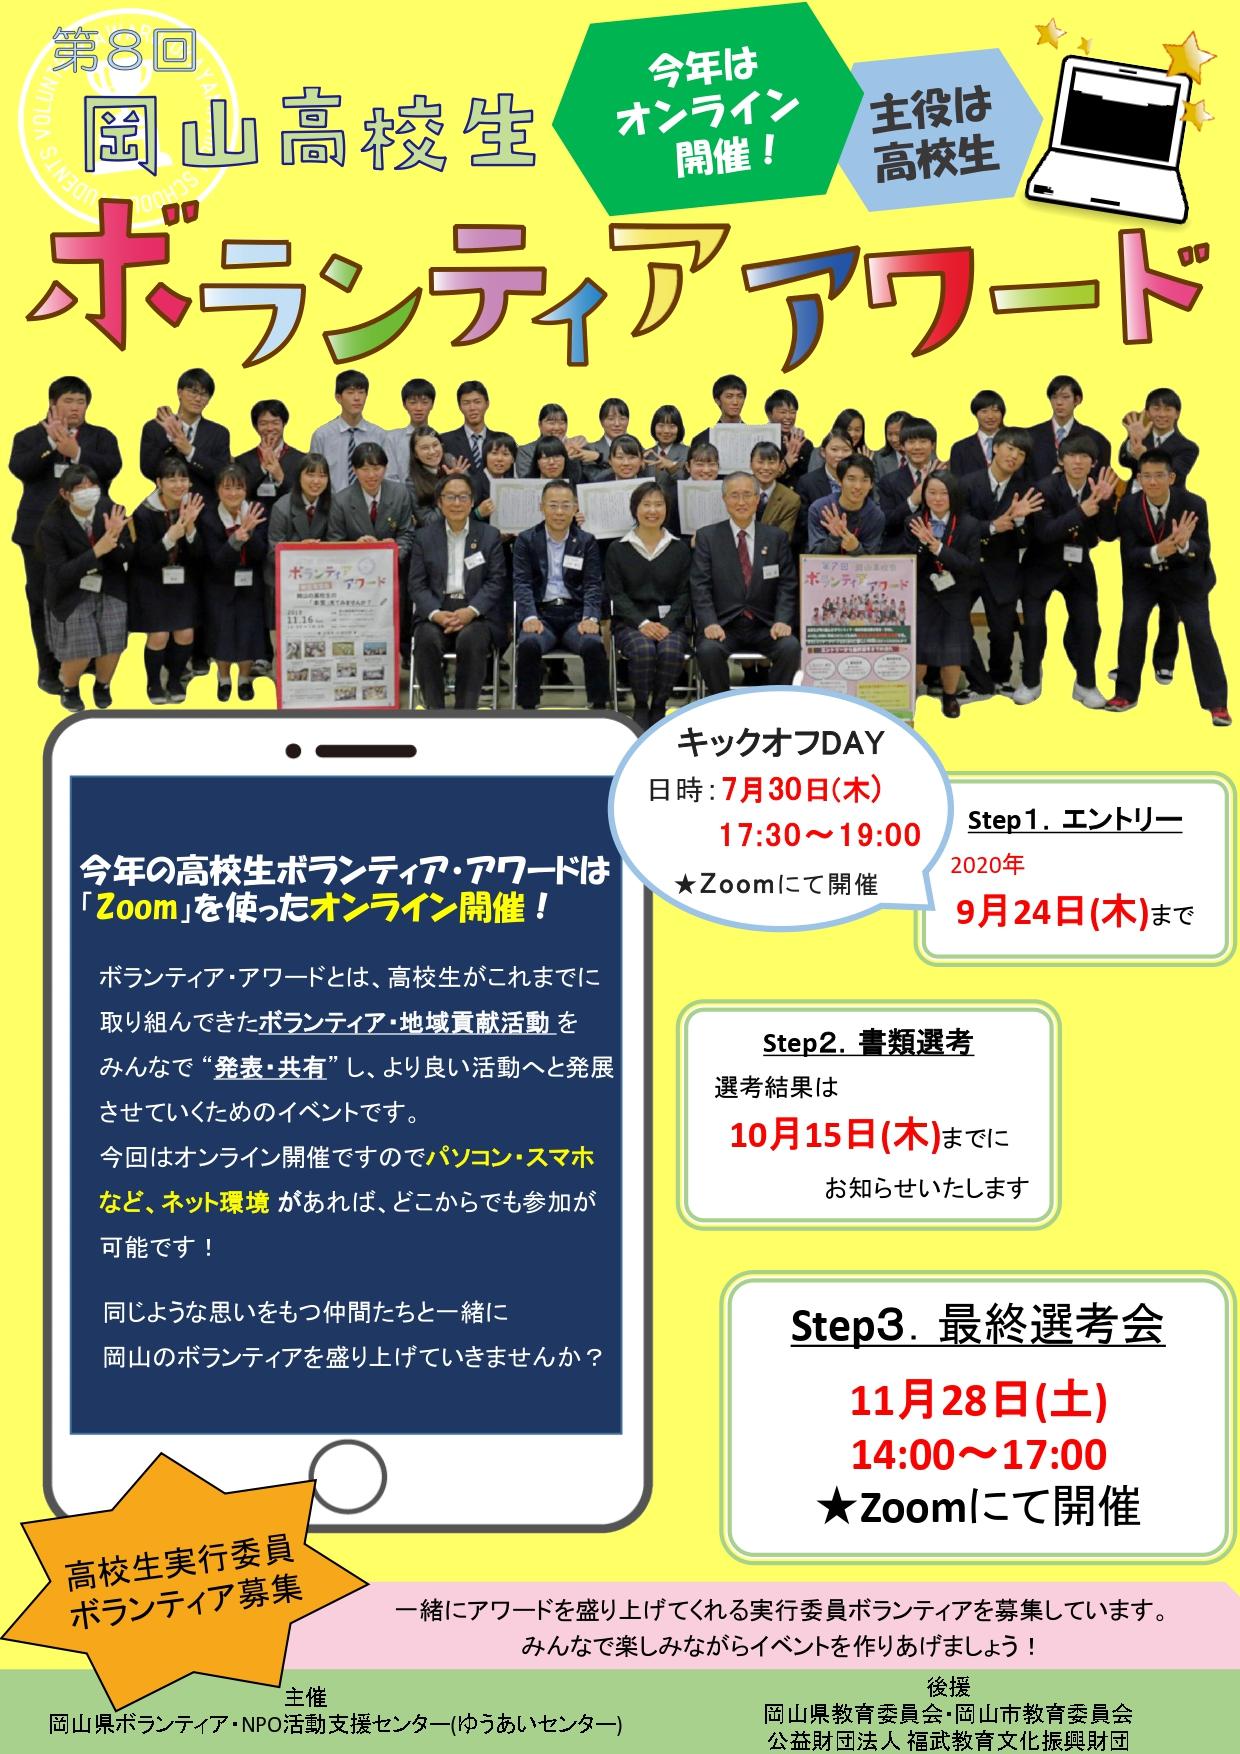 第8回 岡山高校生ボランティア・アワード【エントリー団体募集!】